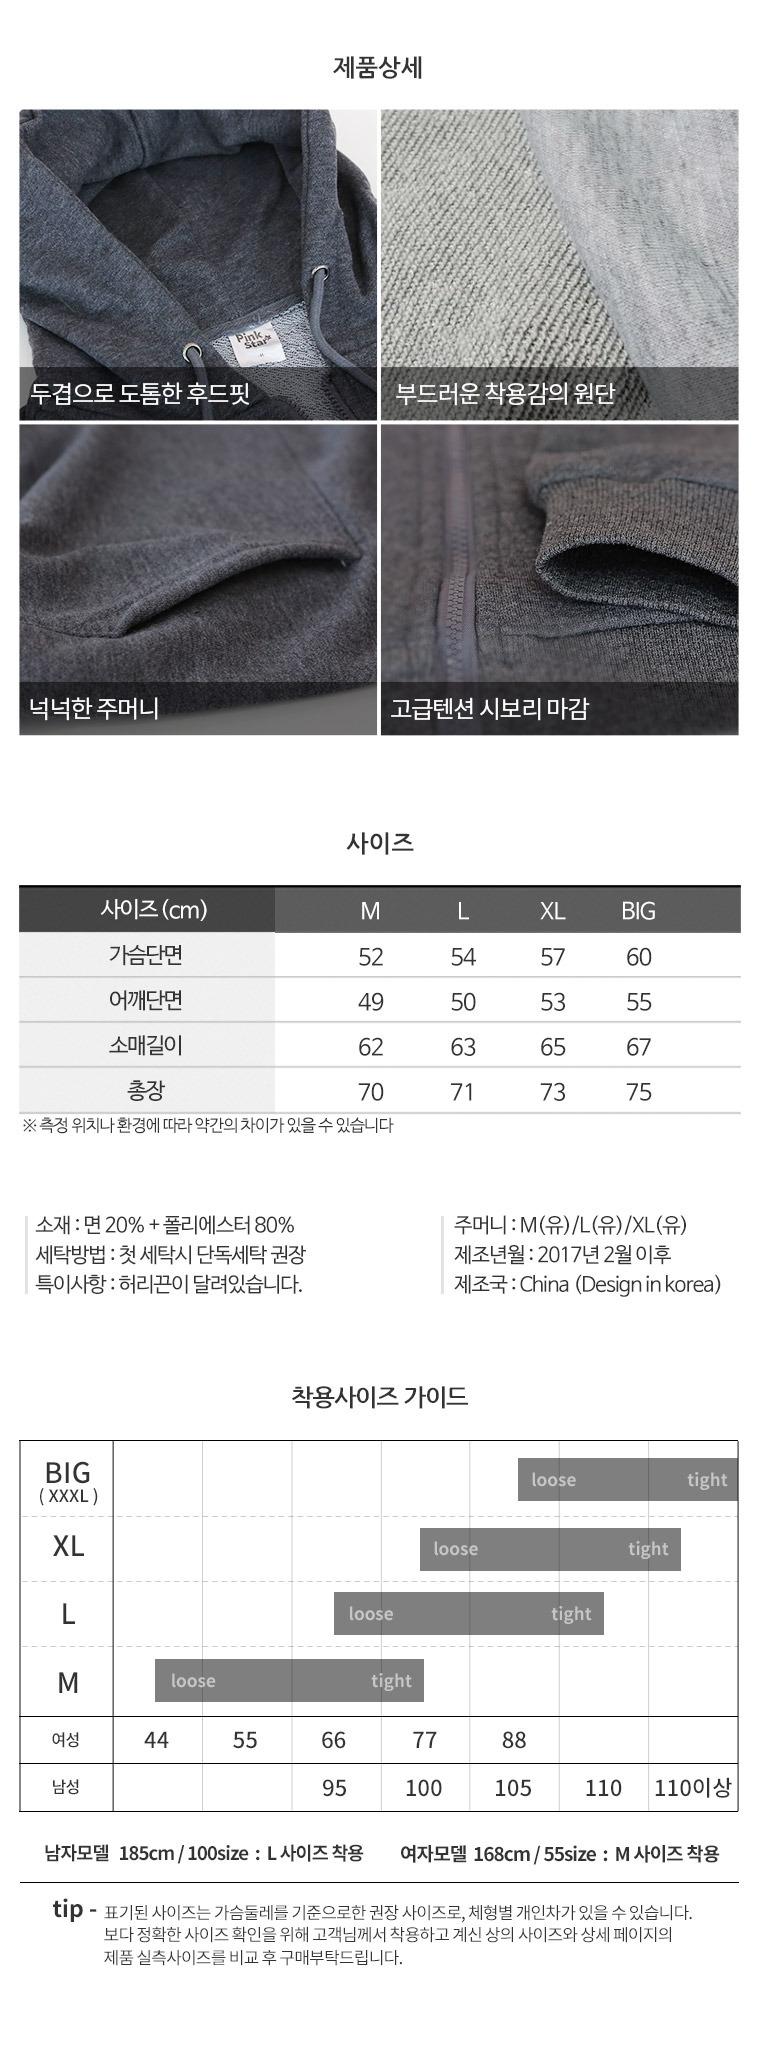 [마이컬러] 그레이 후드티&이지팬츠 - 상세정보